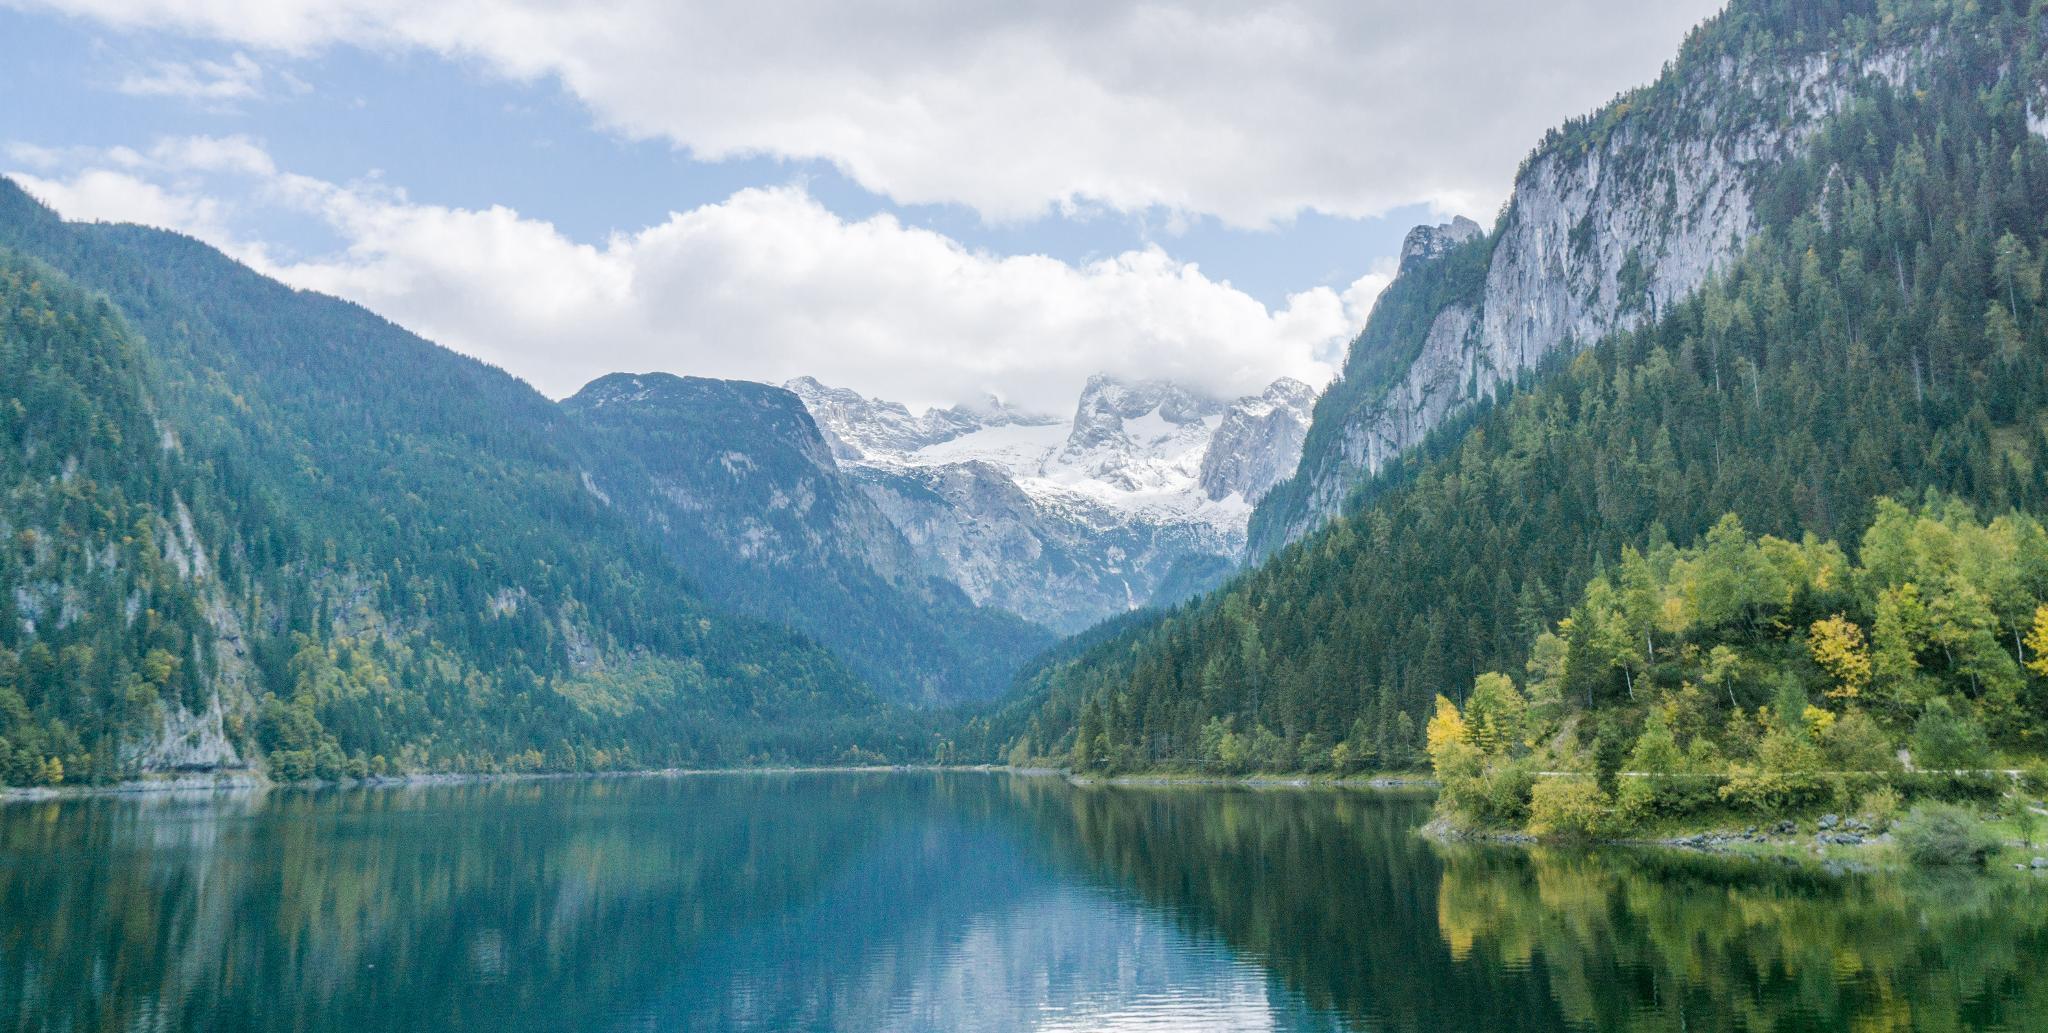 【奧地利】遠離塵囂!哈修塔特周邊的絕美湖泊 — 高薩湖 Gosausee 湖濱散記 25